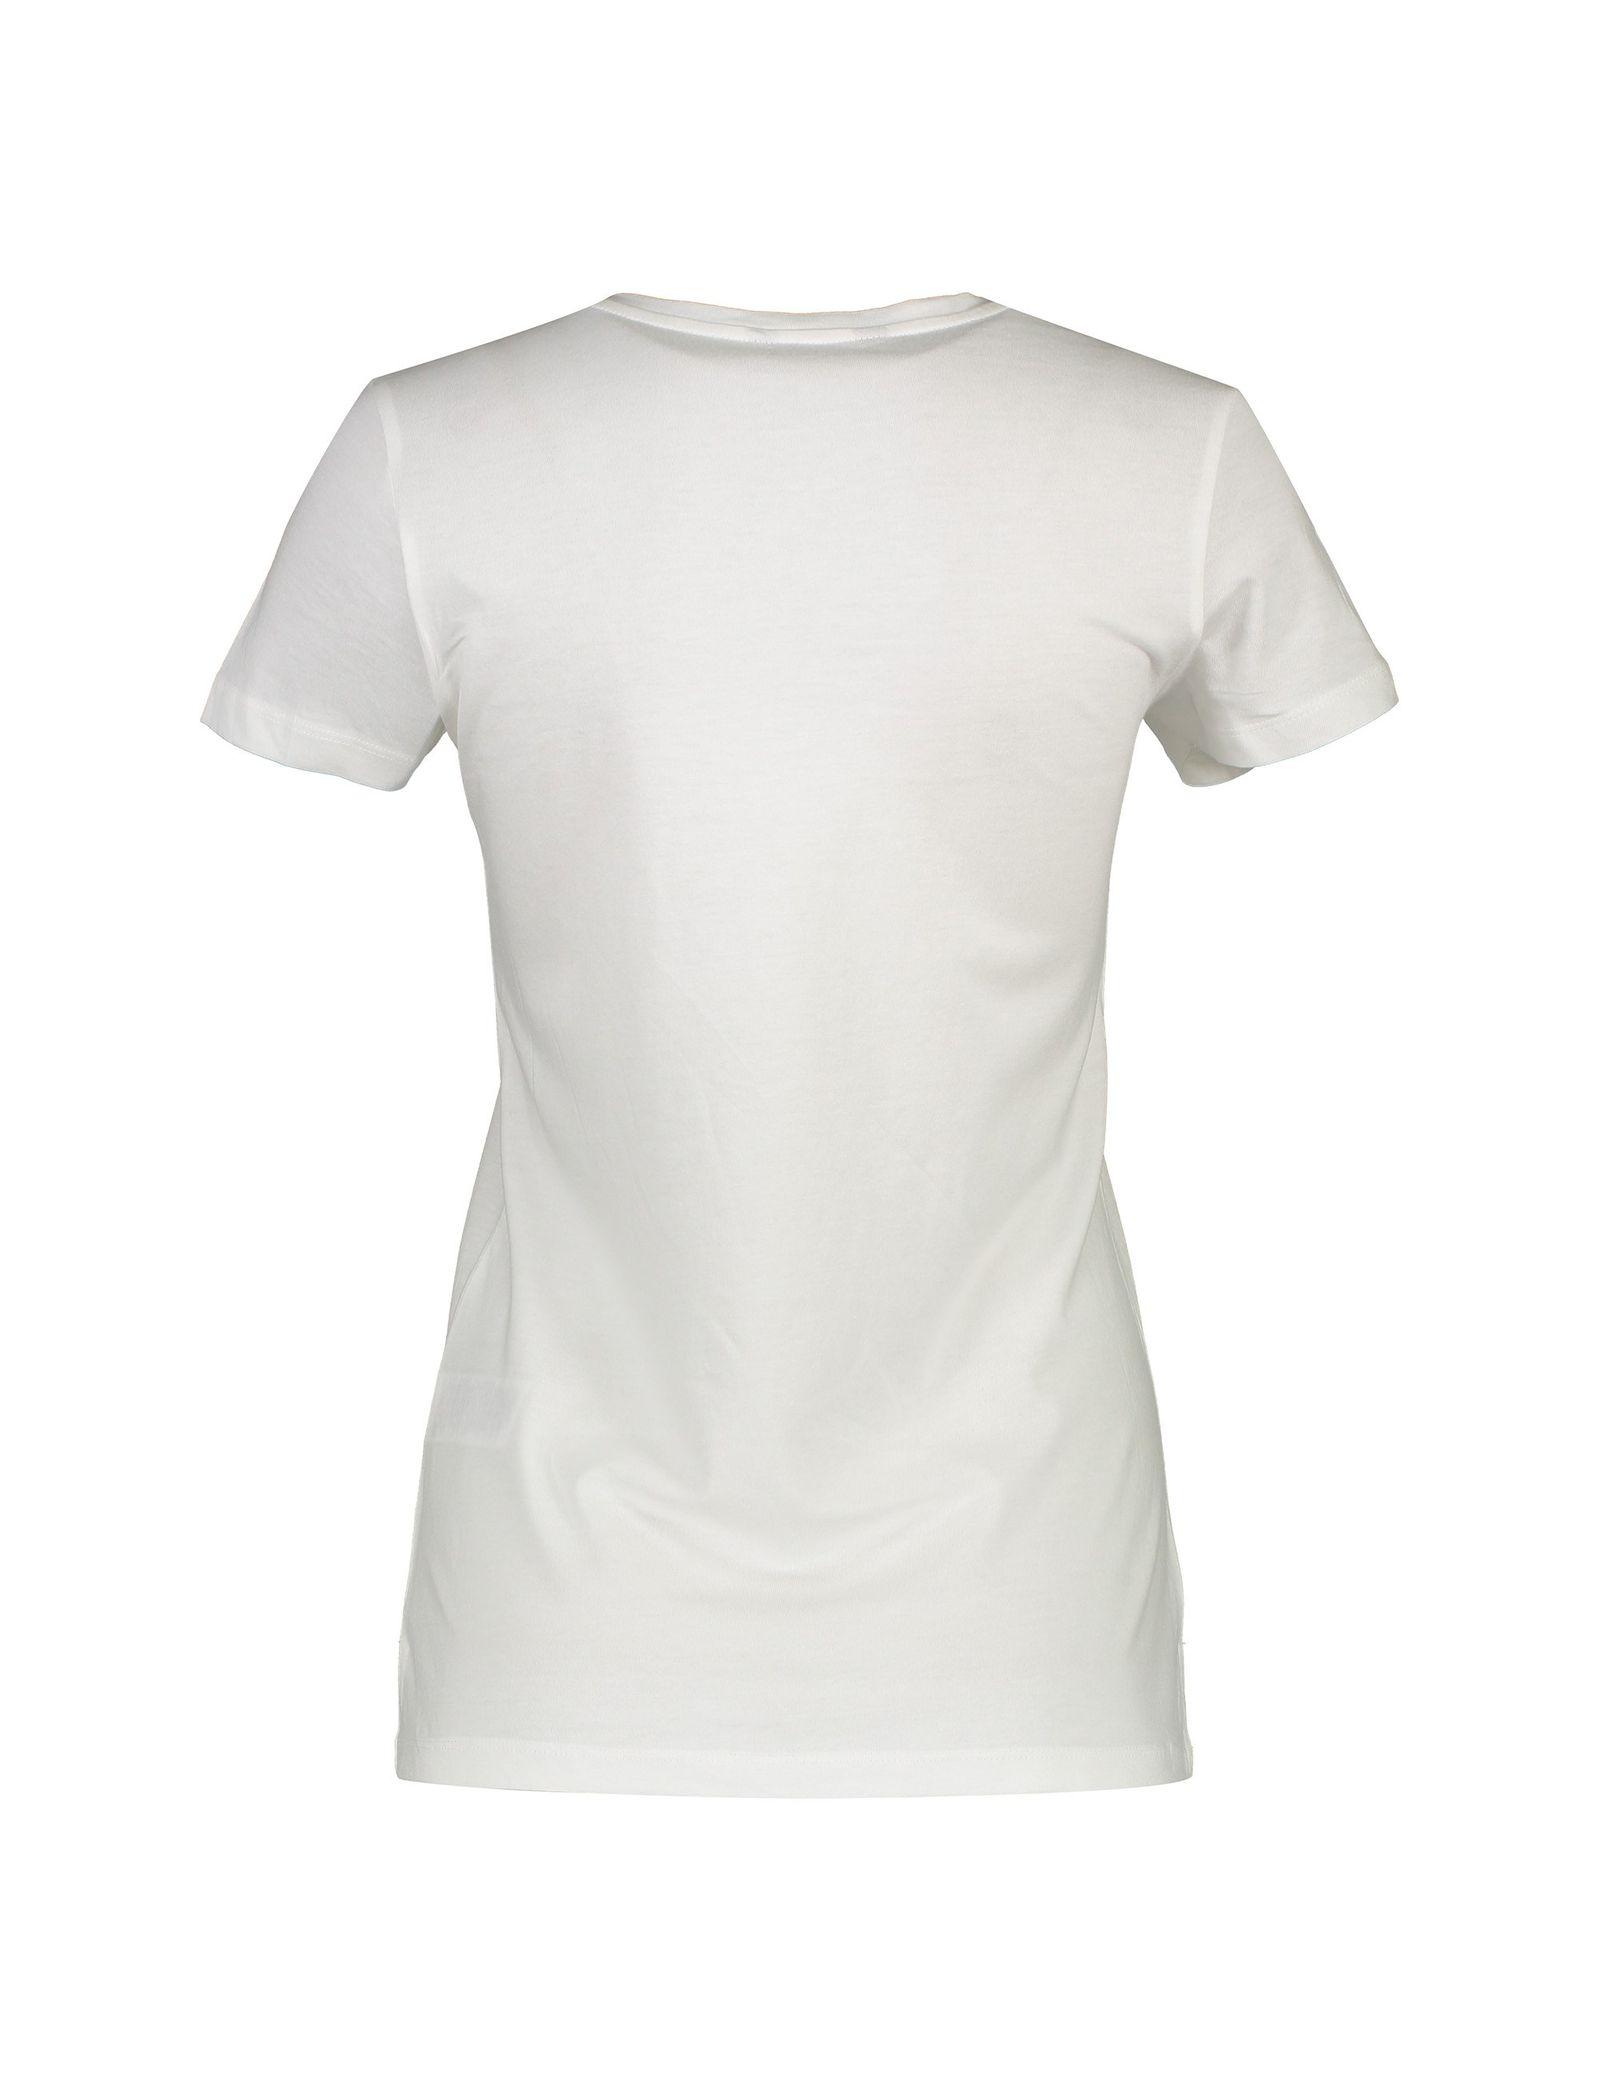 تی شرت نخی یقه گرد زنانه - رد هرینگ - سفيد - 2